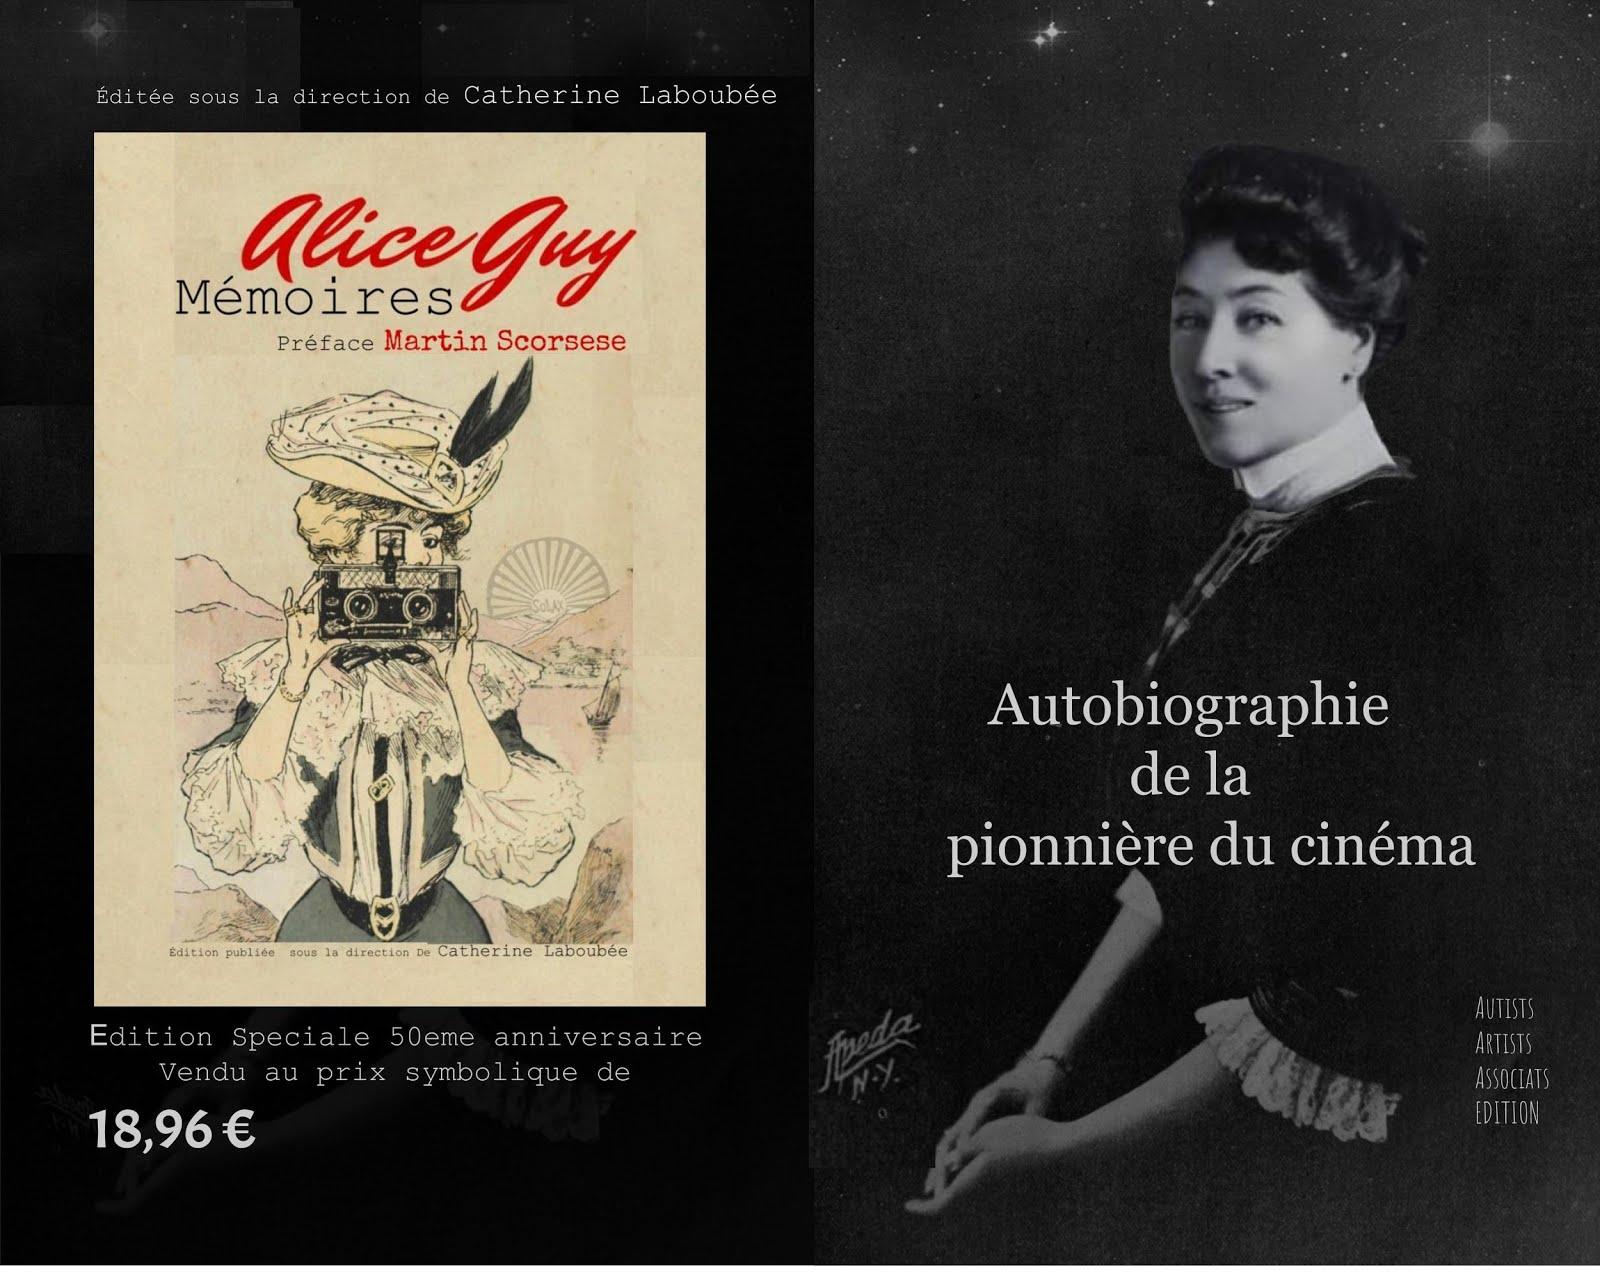 Mémoires Alice Guy 2018 au prix historique de 18.96 Edition Speciale 50eme anniversaire